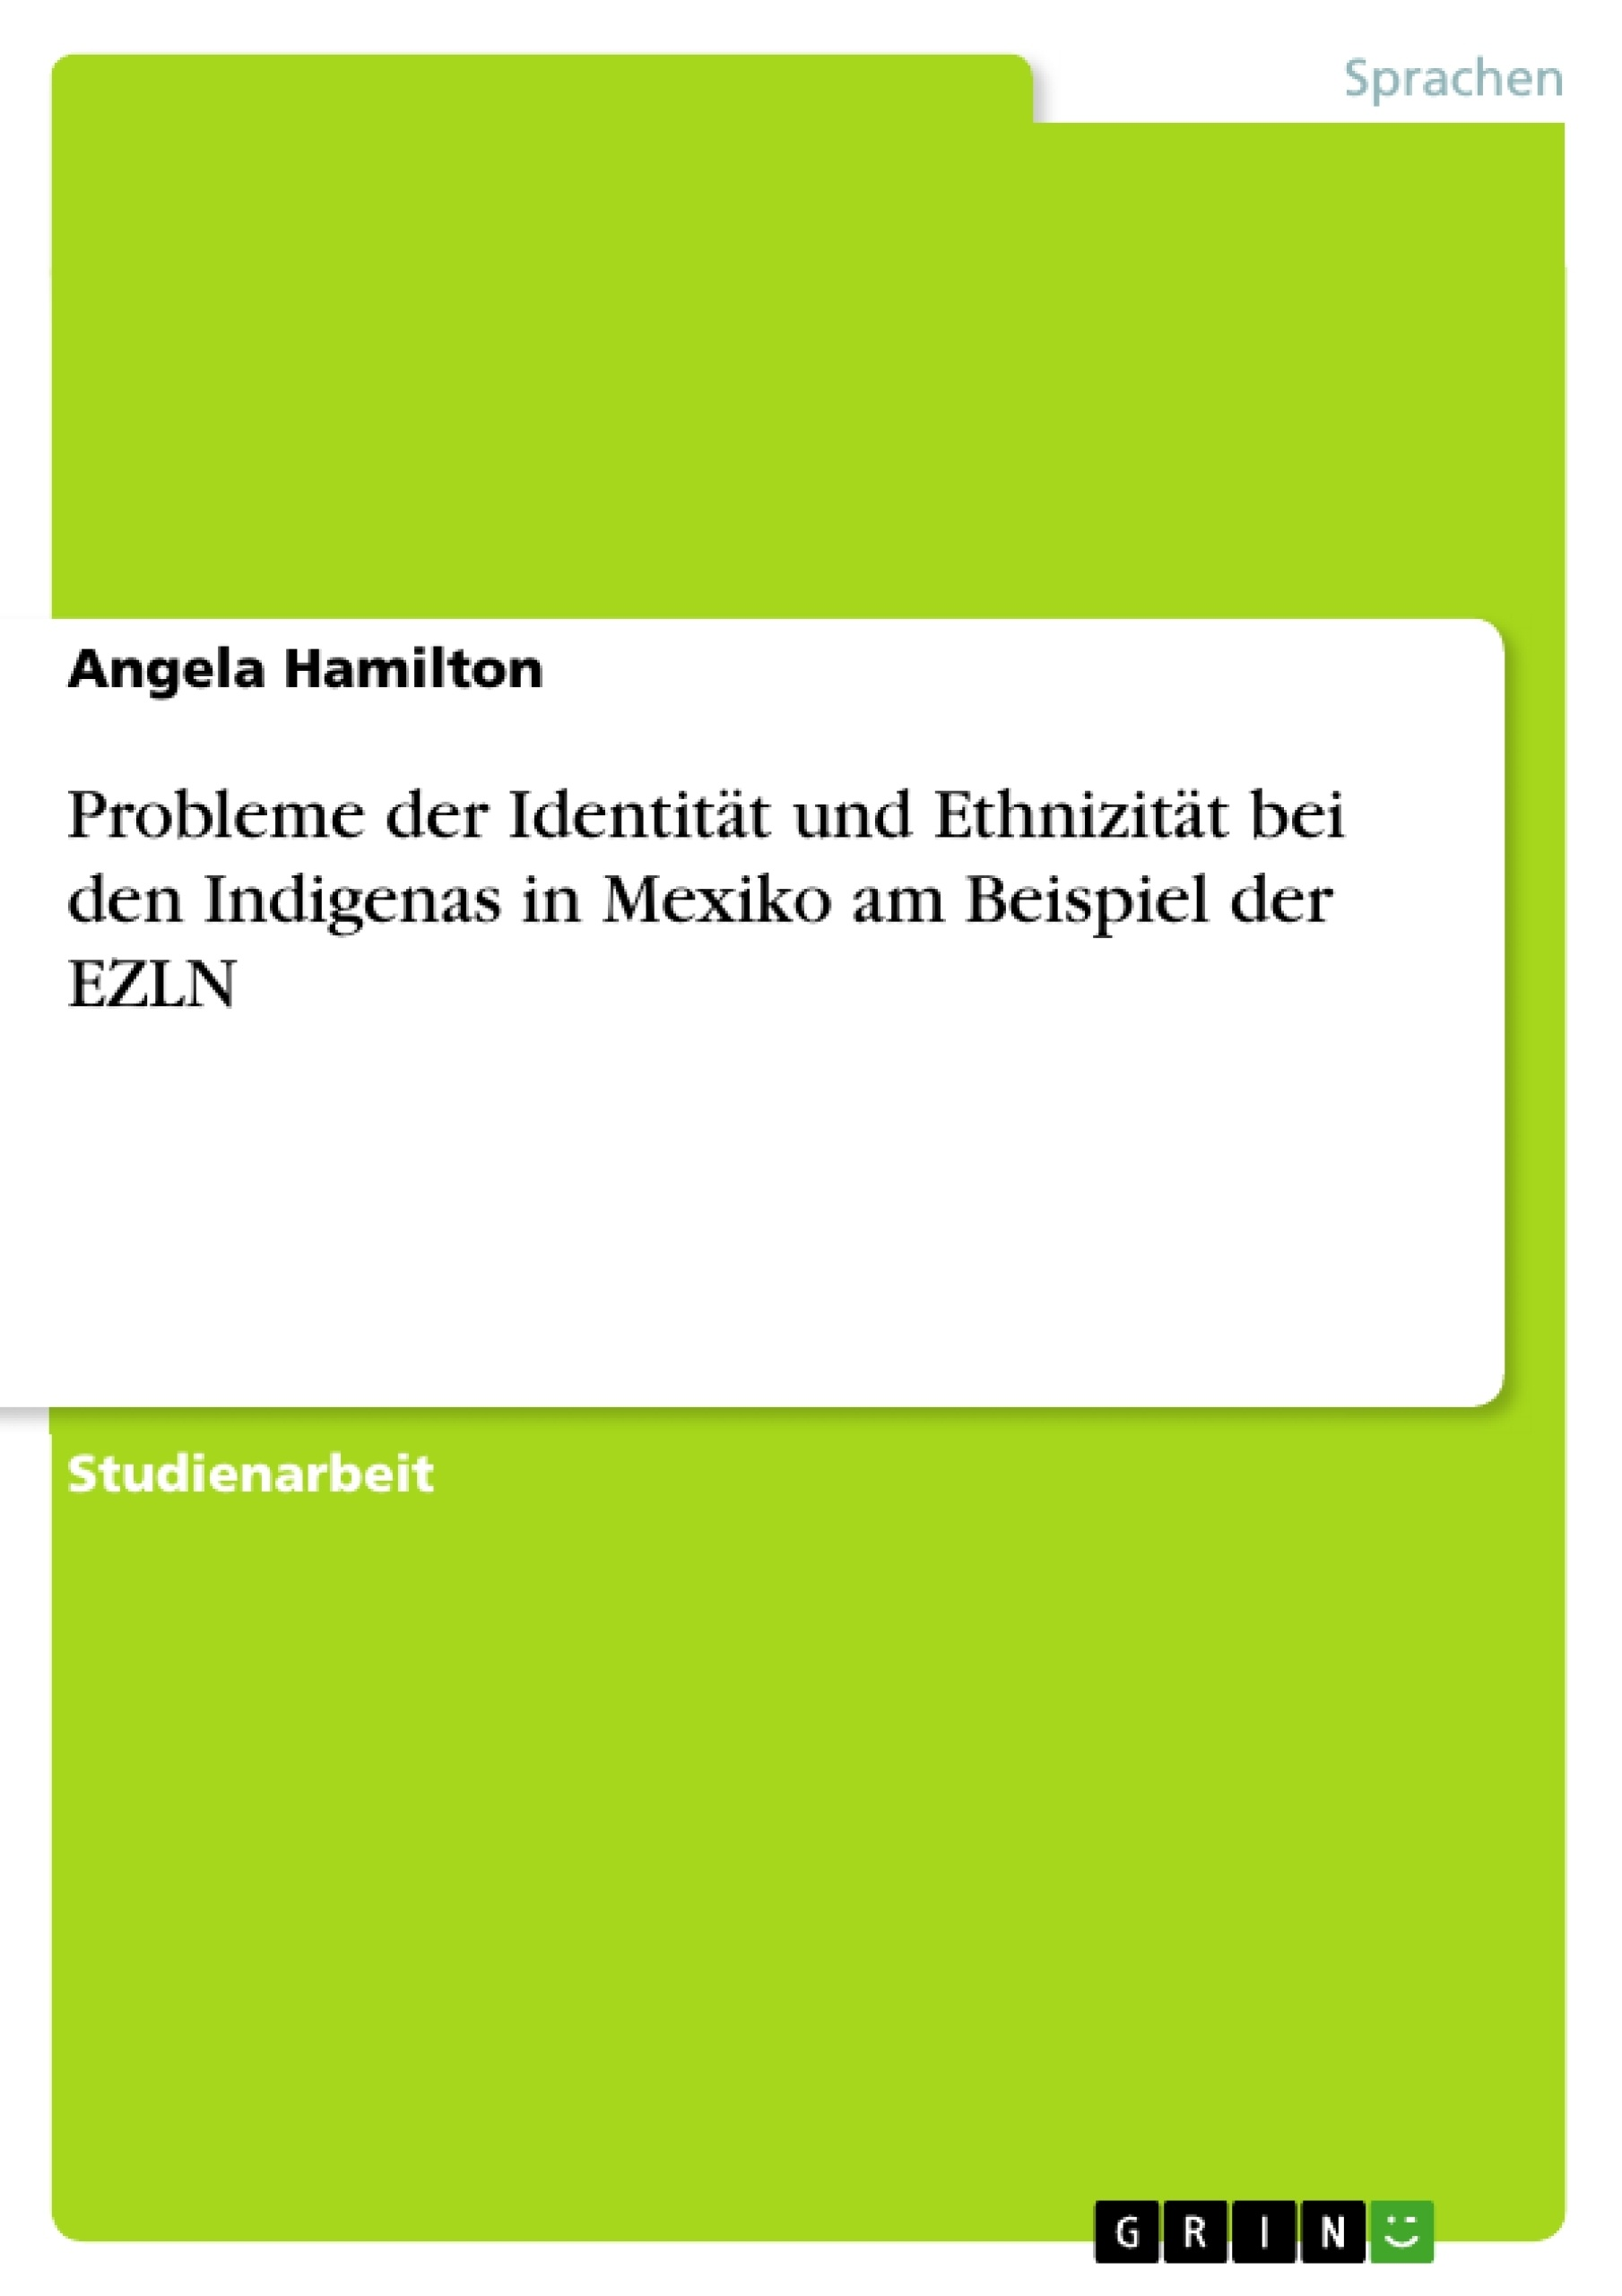 Titel: Probleme der Identität und Ethnizität bei den Indigenas in Mexiko am Beispiel der EZLN